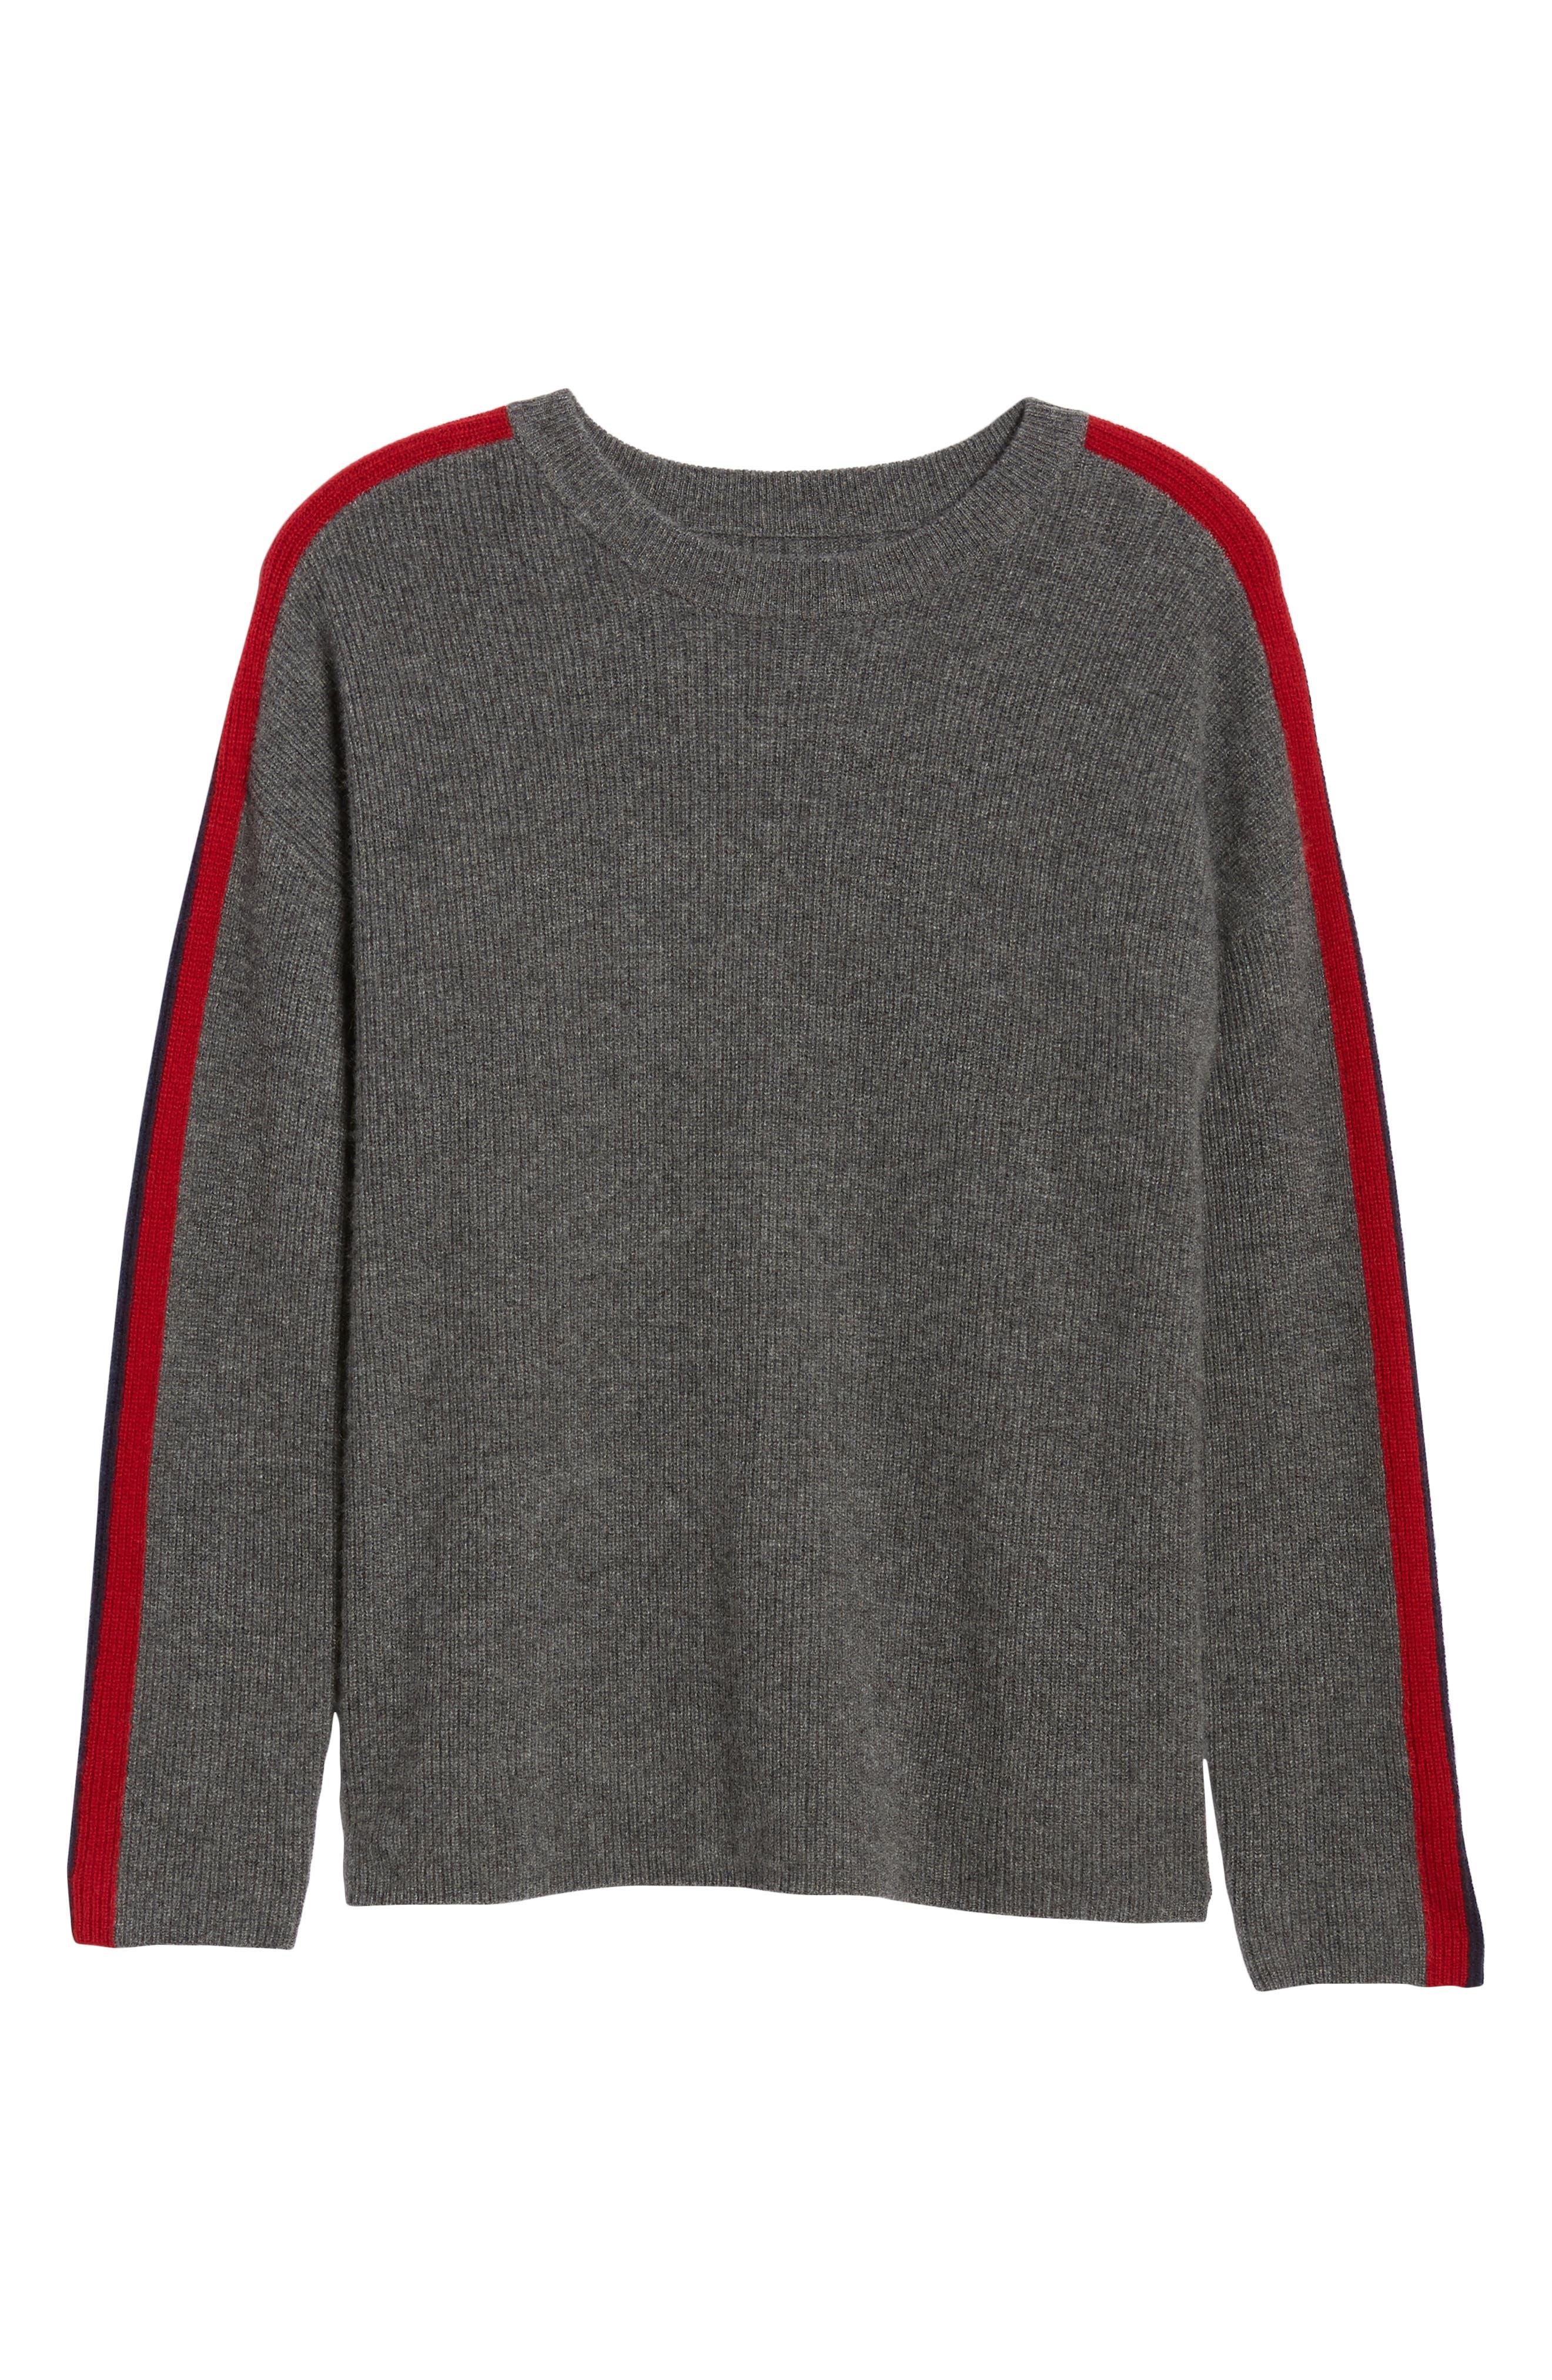 VELVET BY GRAHAM & SPENCER, Stripe Sleeve Cashmere Sweater, Alternate thumbnail 6, color, DARK GREY